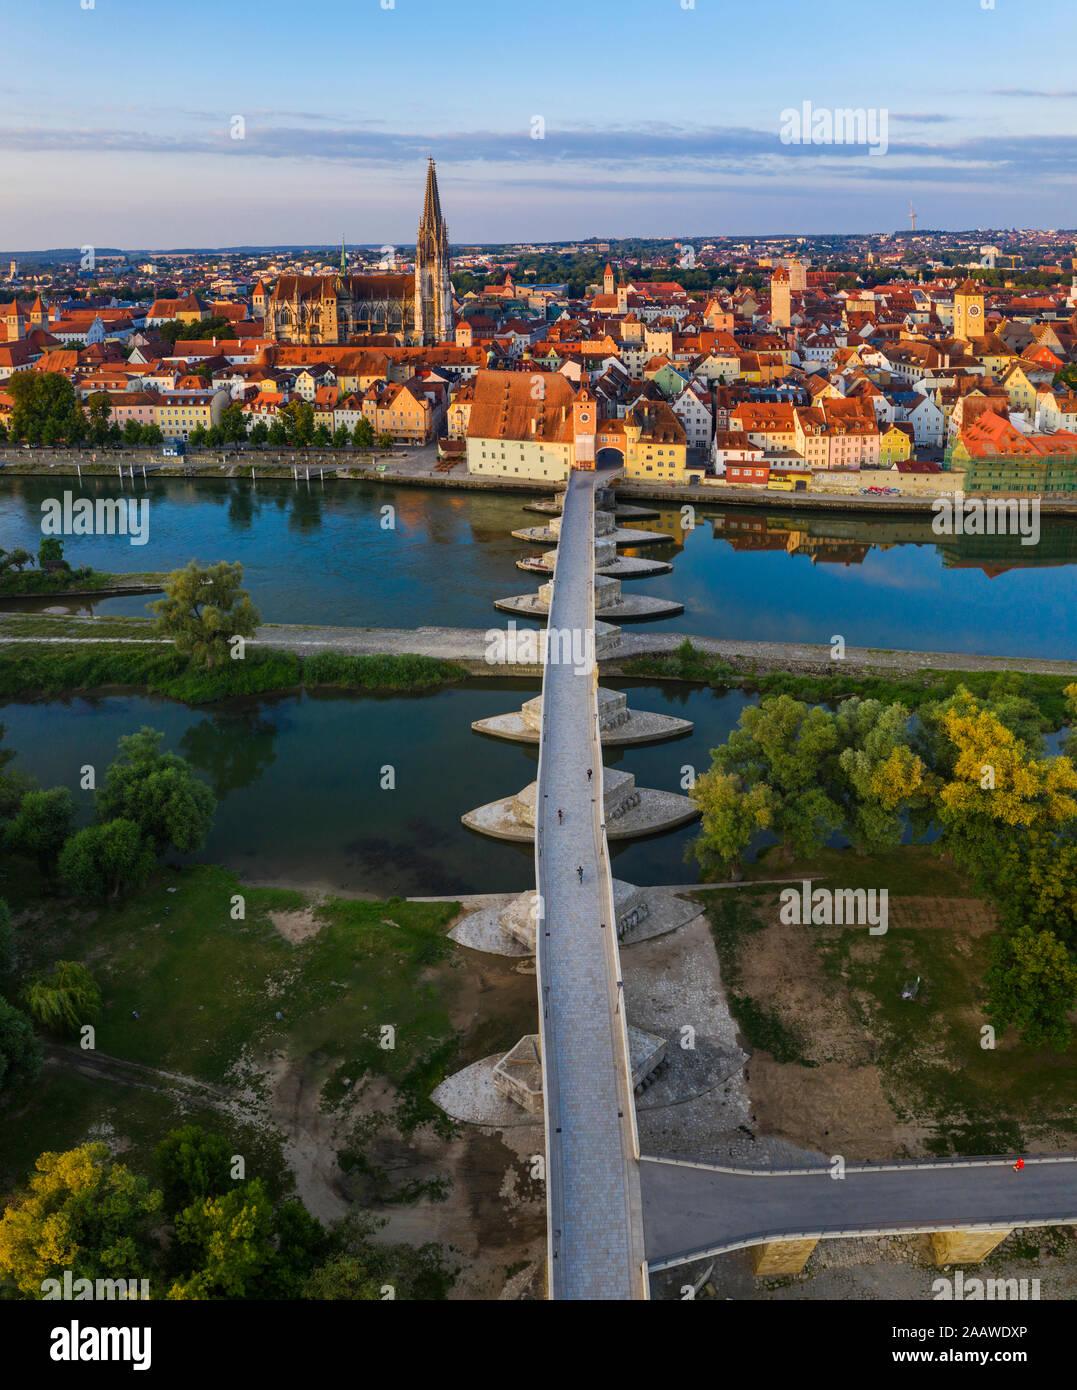 Aerial view of Stone Bridge over Danube River in Regensburg, Bavaria, Germany Stock Photo